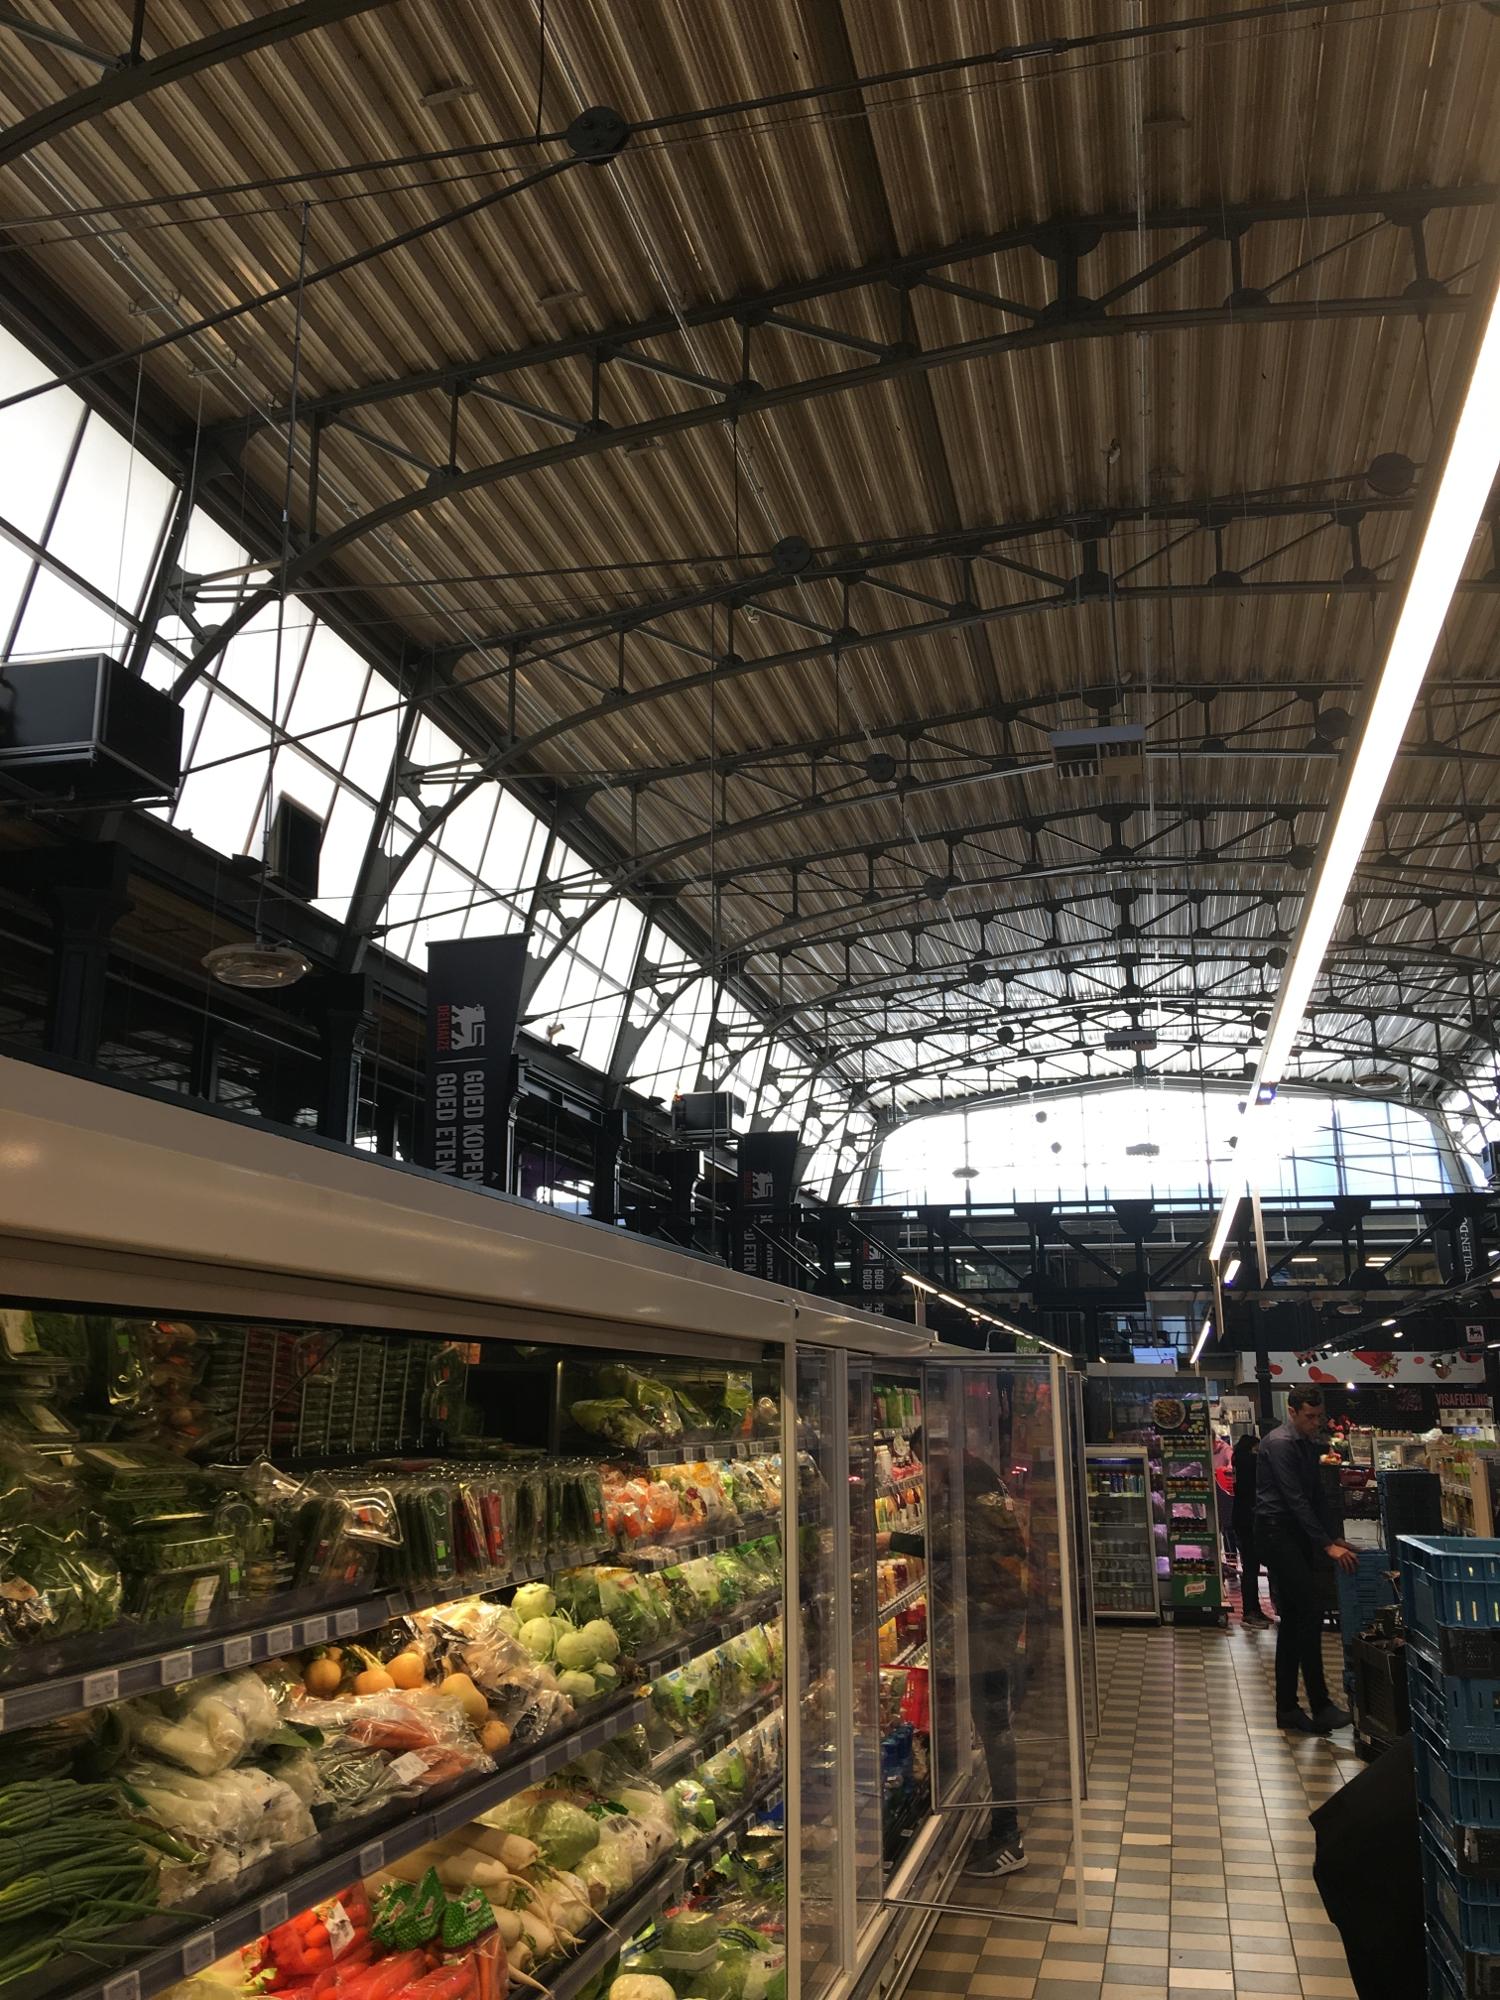 A market inside an art nouveau building